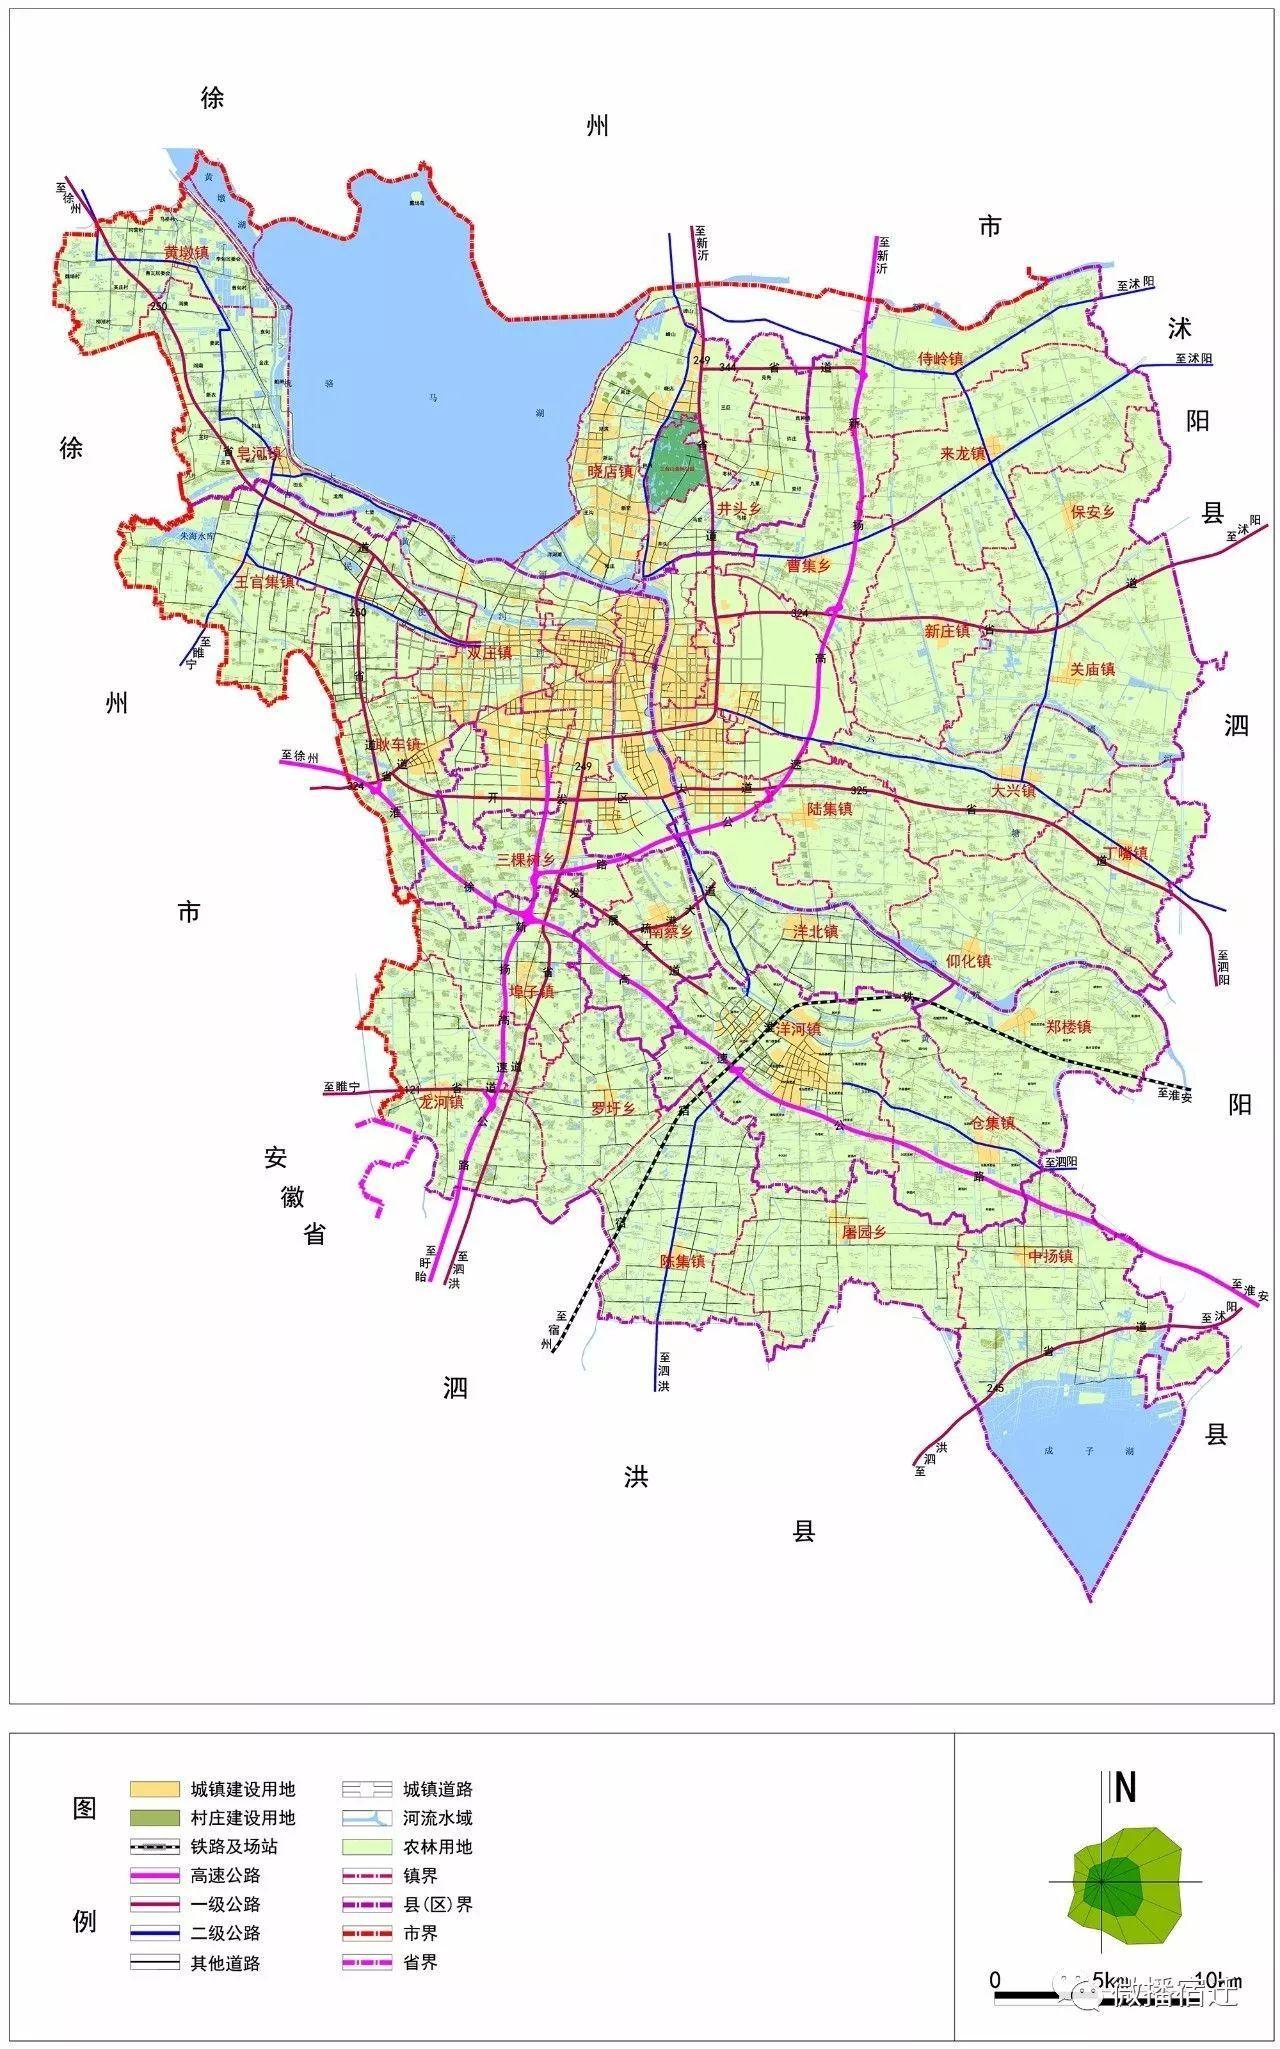 村庄布局规划图(2030)